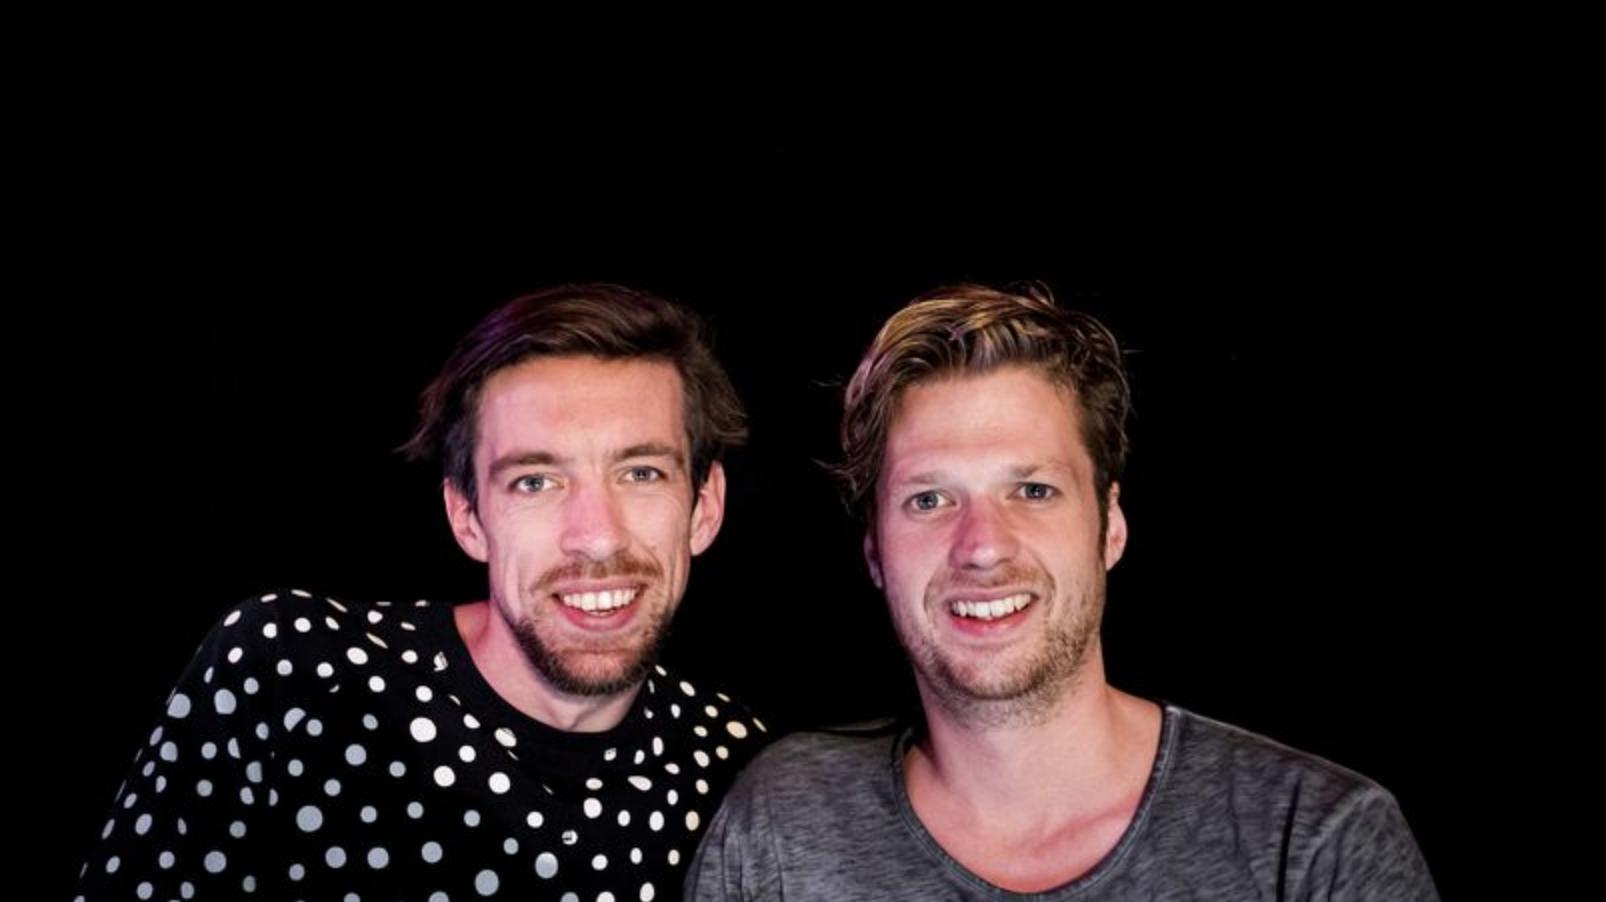 Qmusic-duo Mattie en Wietze gaan definitief uit elkaar